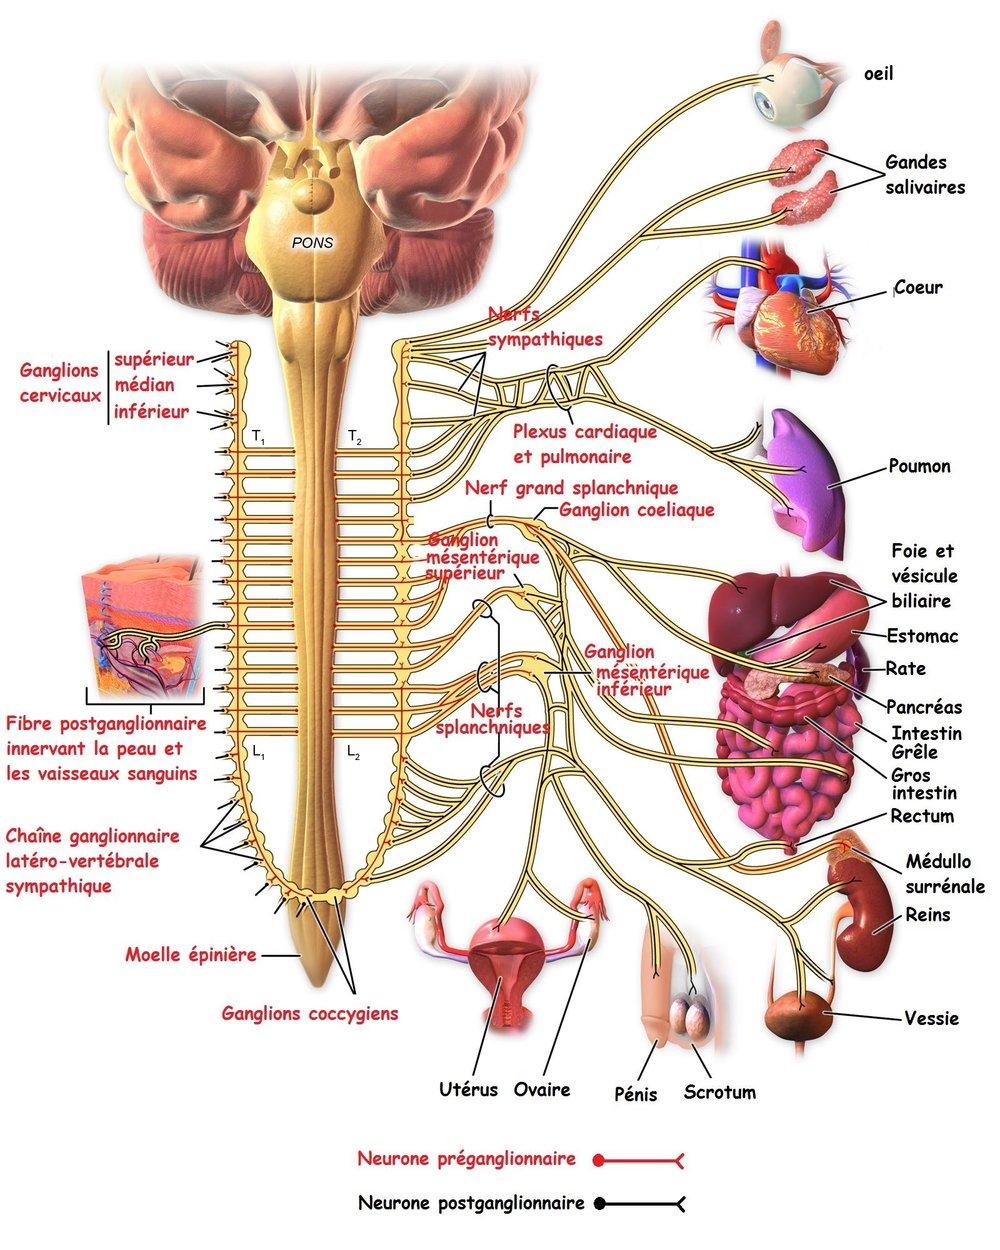 Système nerveux sympathique    ☞  S'active en présence de facteurs de stress (activation physiologique) et prépare l'organisme à les affronter.   ☞   Les corps cellulaires   préganglionnaires  se situent près de la moelle épinière thoracique et lombaire.   ☞   L  e 1er neurone est court alors que le 2ème est long   ☞  C  haîne ganglionnaire   paravertébrale   composée de 3 ganglions : cœliaque, mésentérique supérieur et inférieur.   ☞   Les neurones post-ganglionnaires quittent ces ganglions pour aller innerver les organes internes.